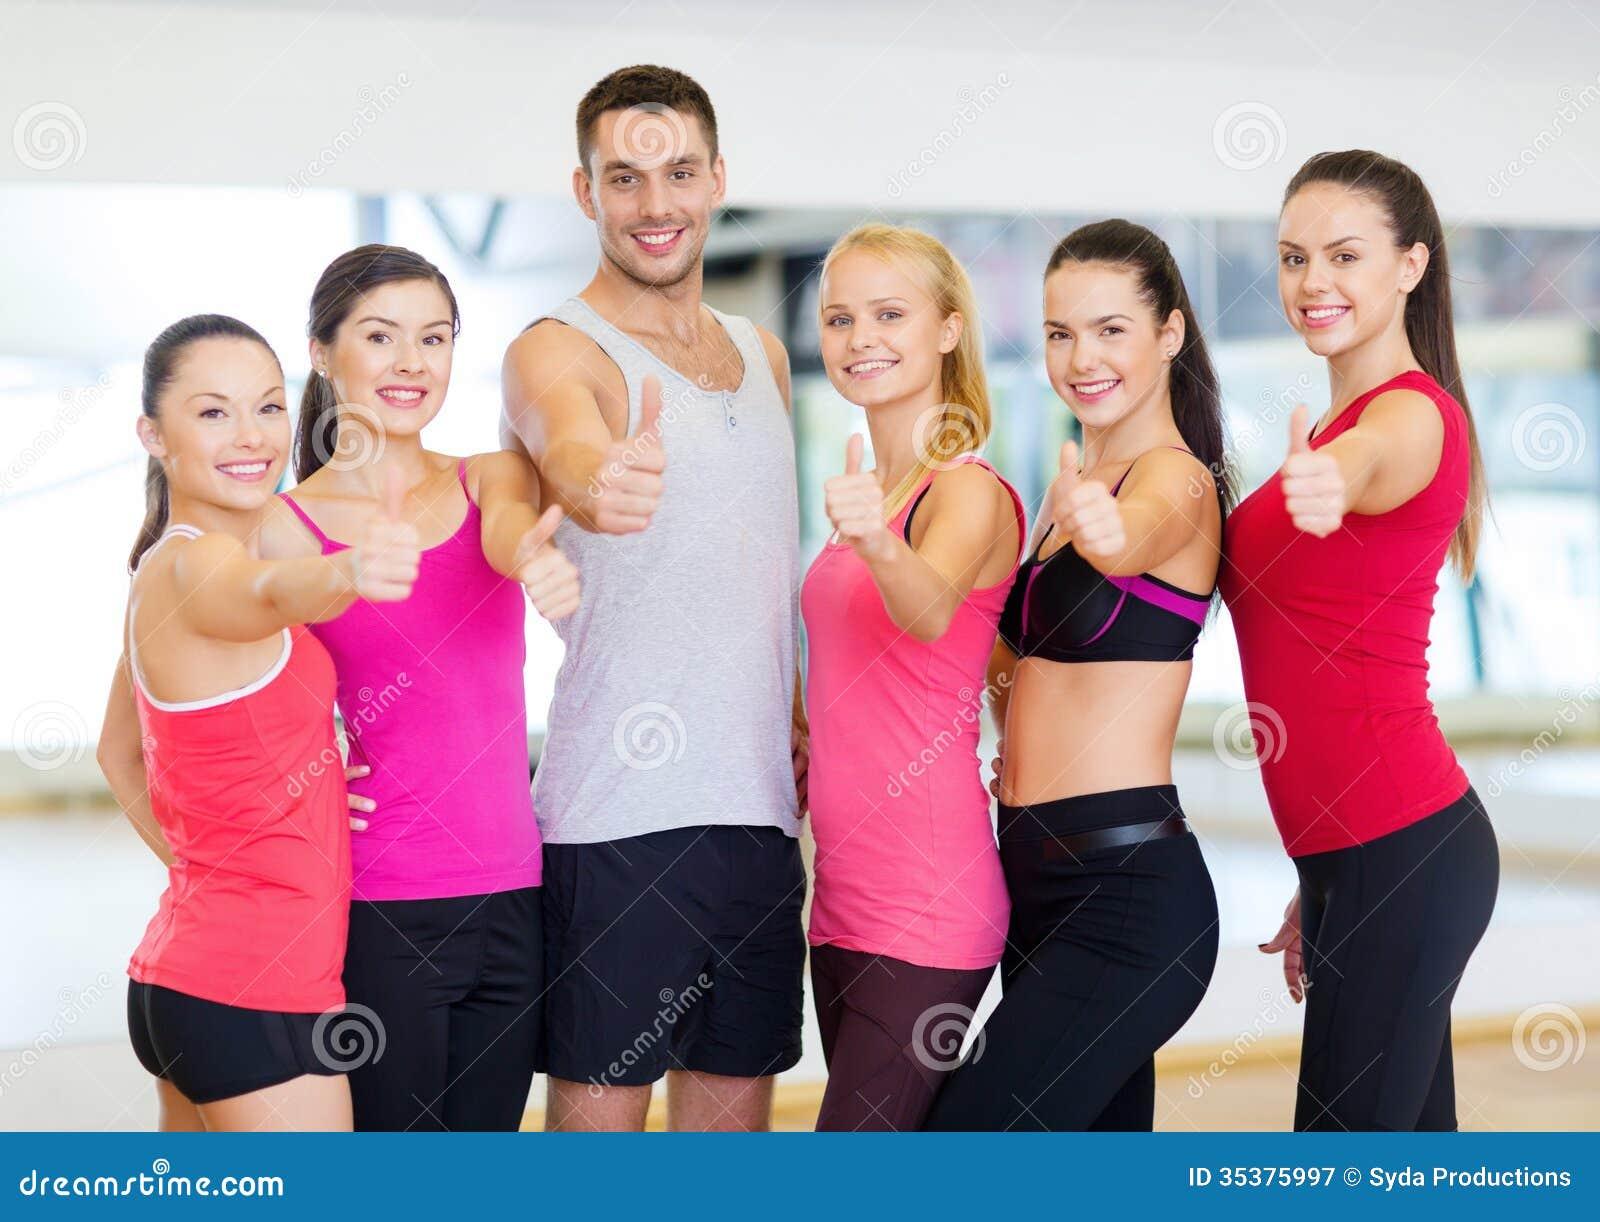 Grupo de personas en el gimnasio que muestra los pulgares for El gimnasio es un deporte